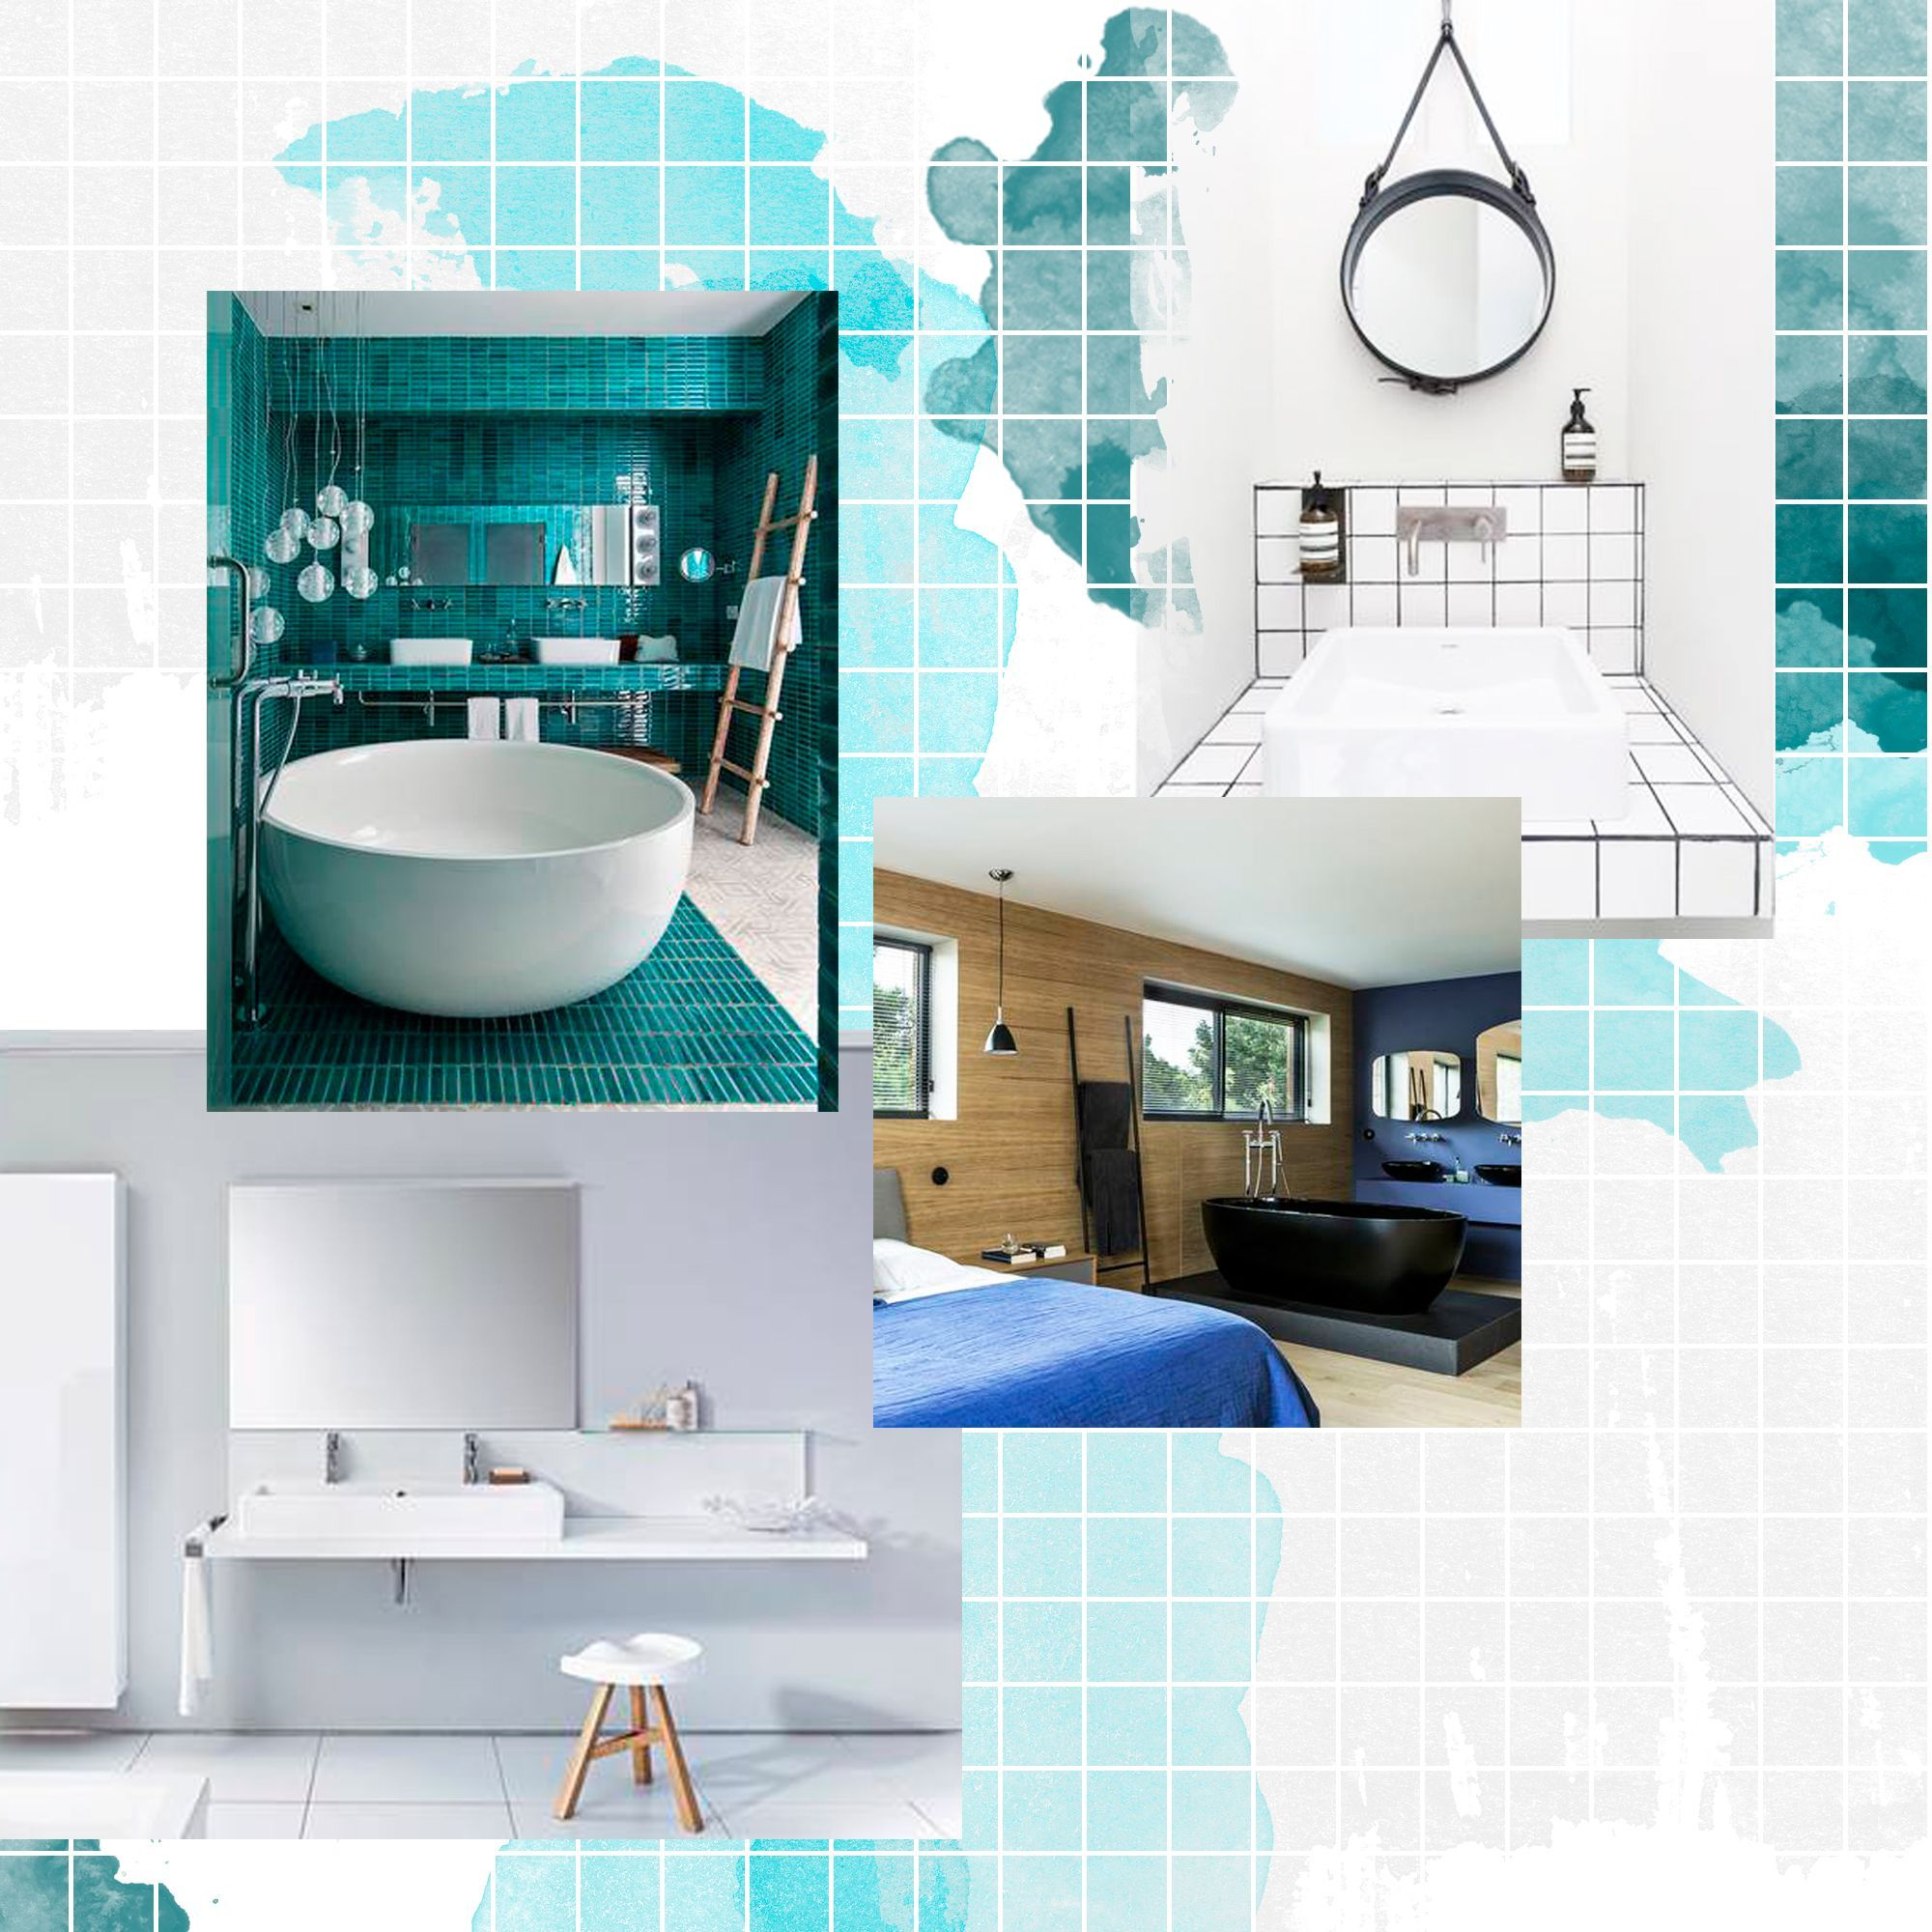 Nos id es avec des meubles de salle de bains design elle d coration - Idee salle de bains ...